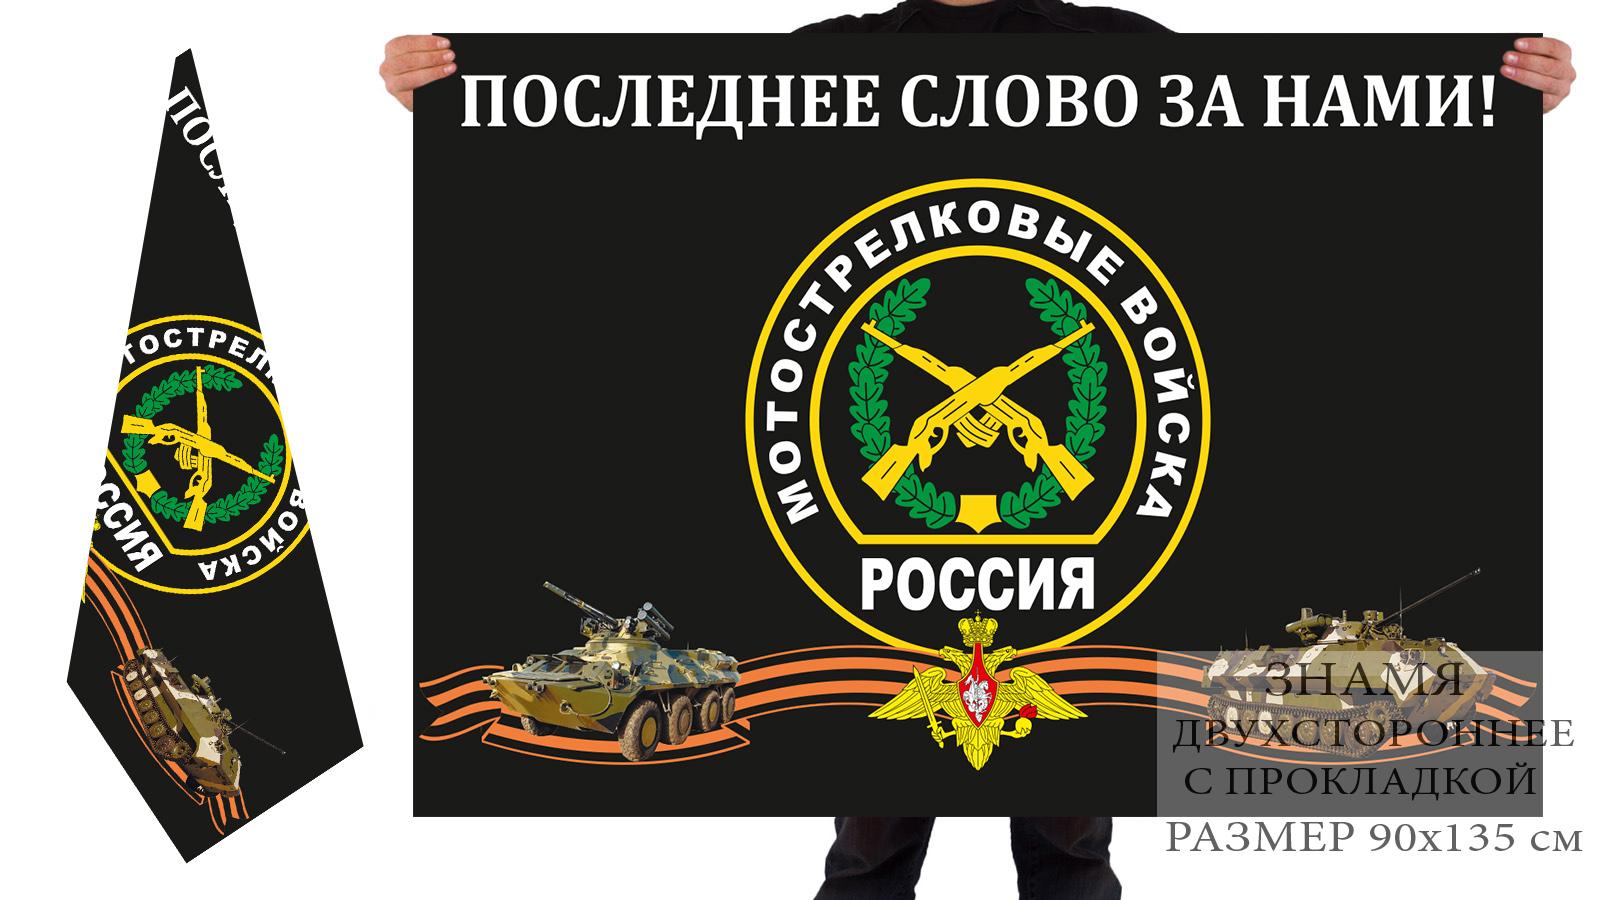 Купить в онлайн военторге двухсторонний флаг «Мотострелковые войска РФ»